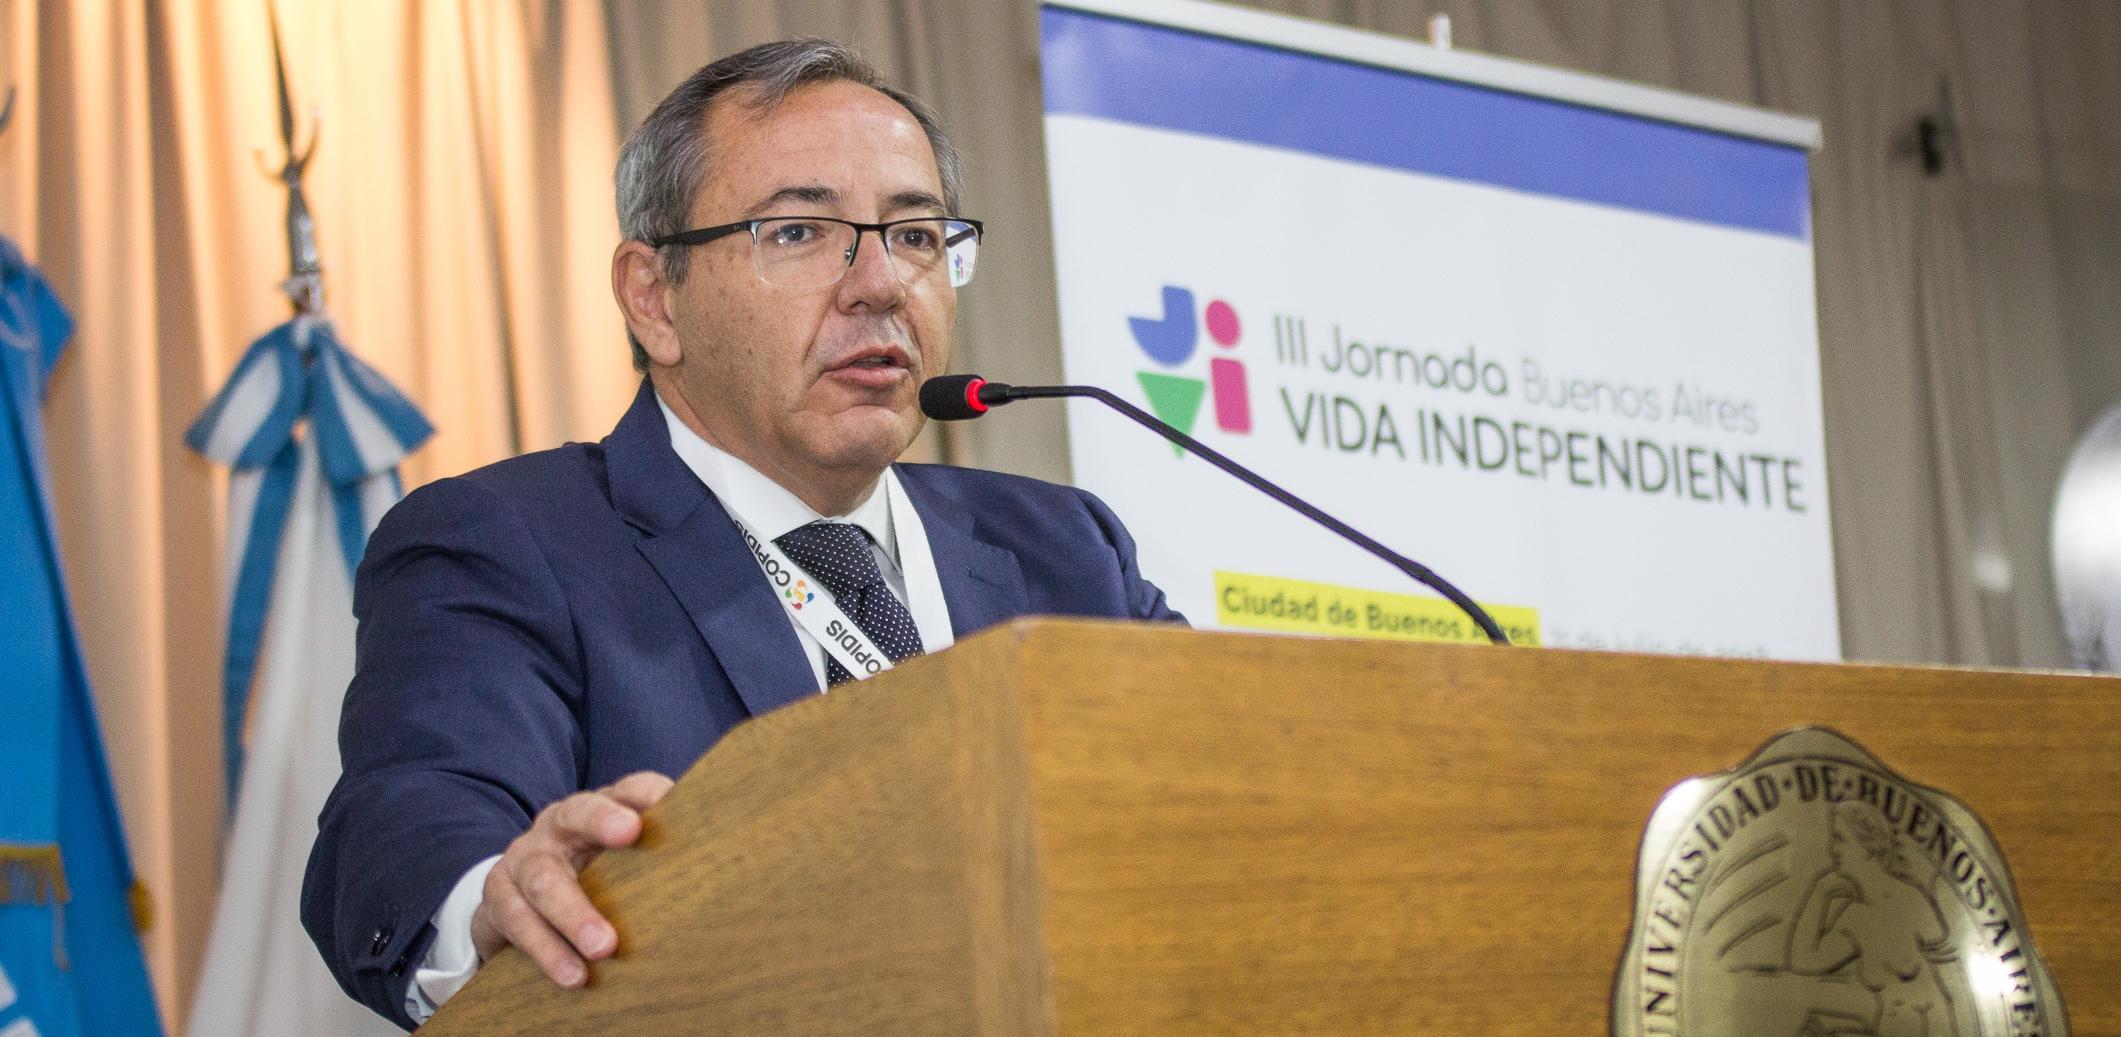 Ir a : Plena inclusión fortalece su colaboración con organizaciones argentinas en el ámbito de la Vida Independiente y la transformación de servicios